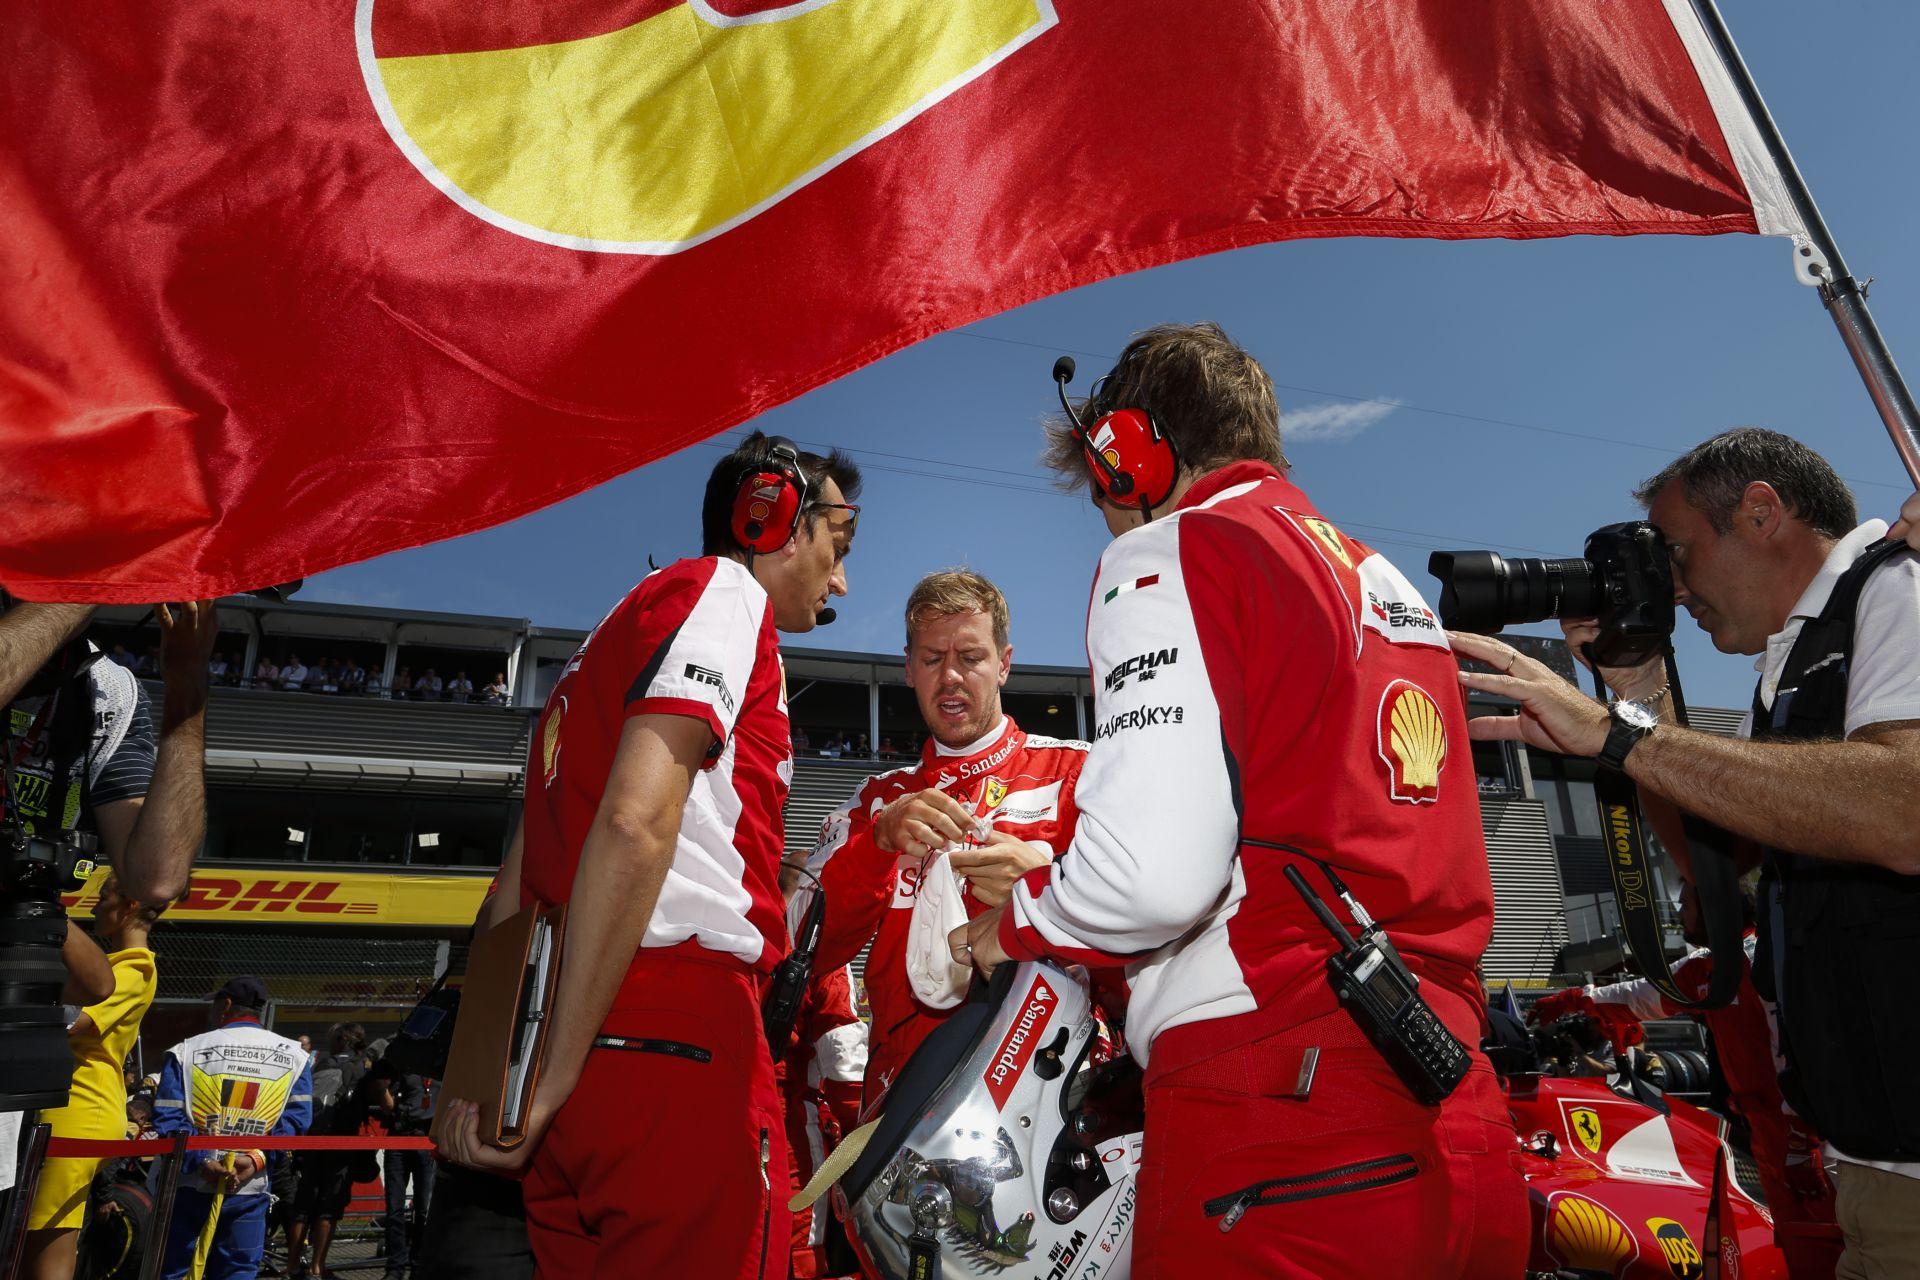 Stop-and-Go: Túl jó volt a Magyar Nagydíj, emiatt nem tudtuk igazán élvezni a belga futamot és nem a Ferrari nyert... Jaj!